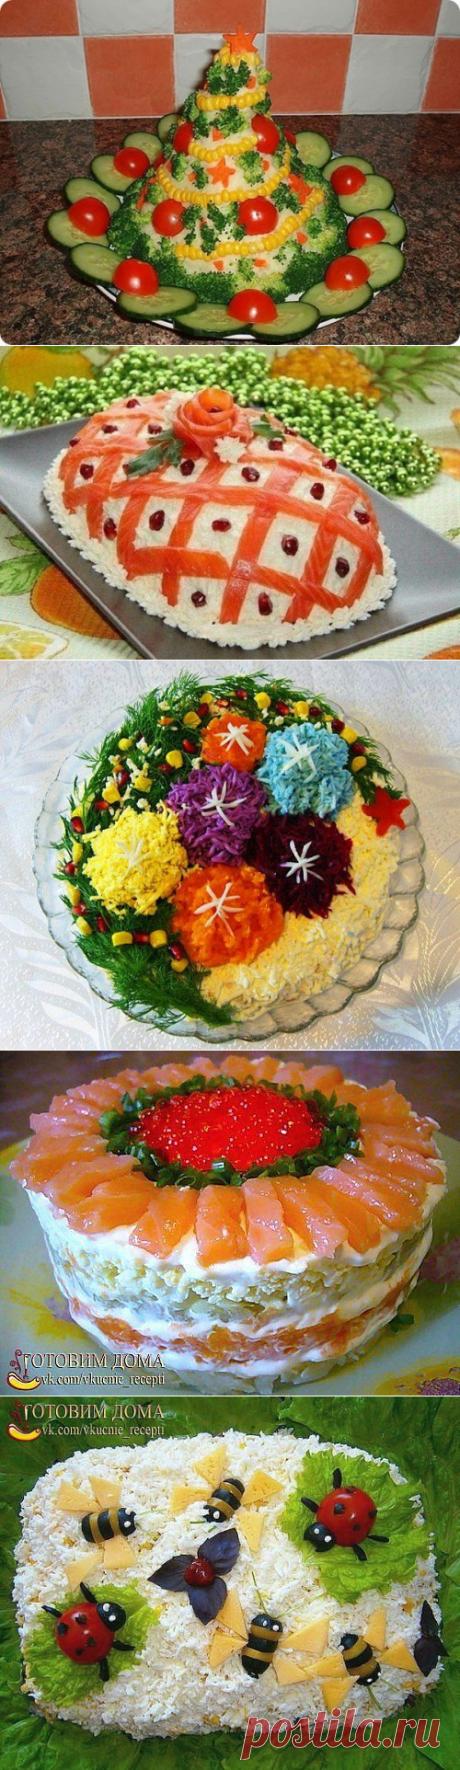 Два десятка красивых и вкусных салатов к НГ